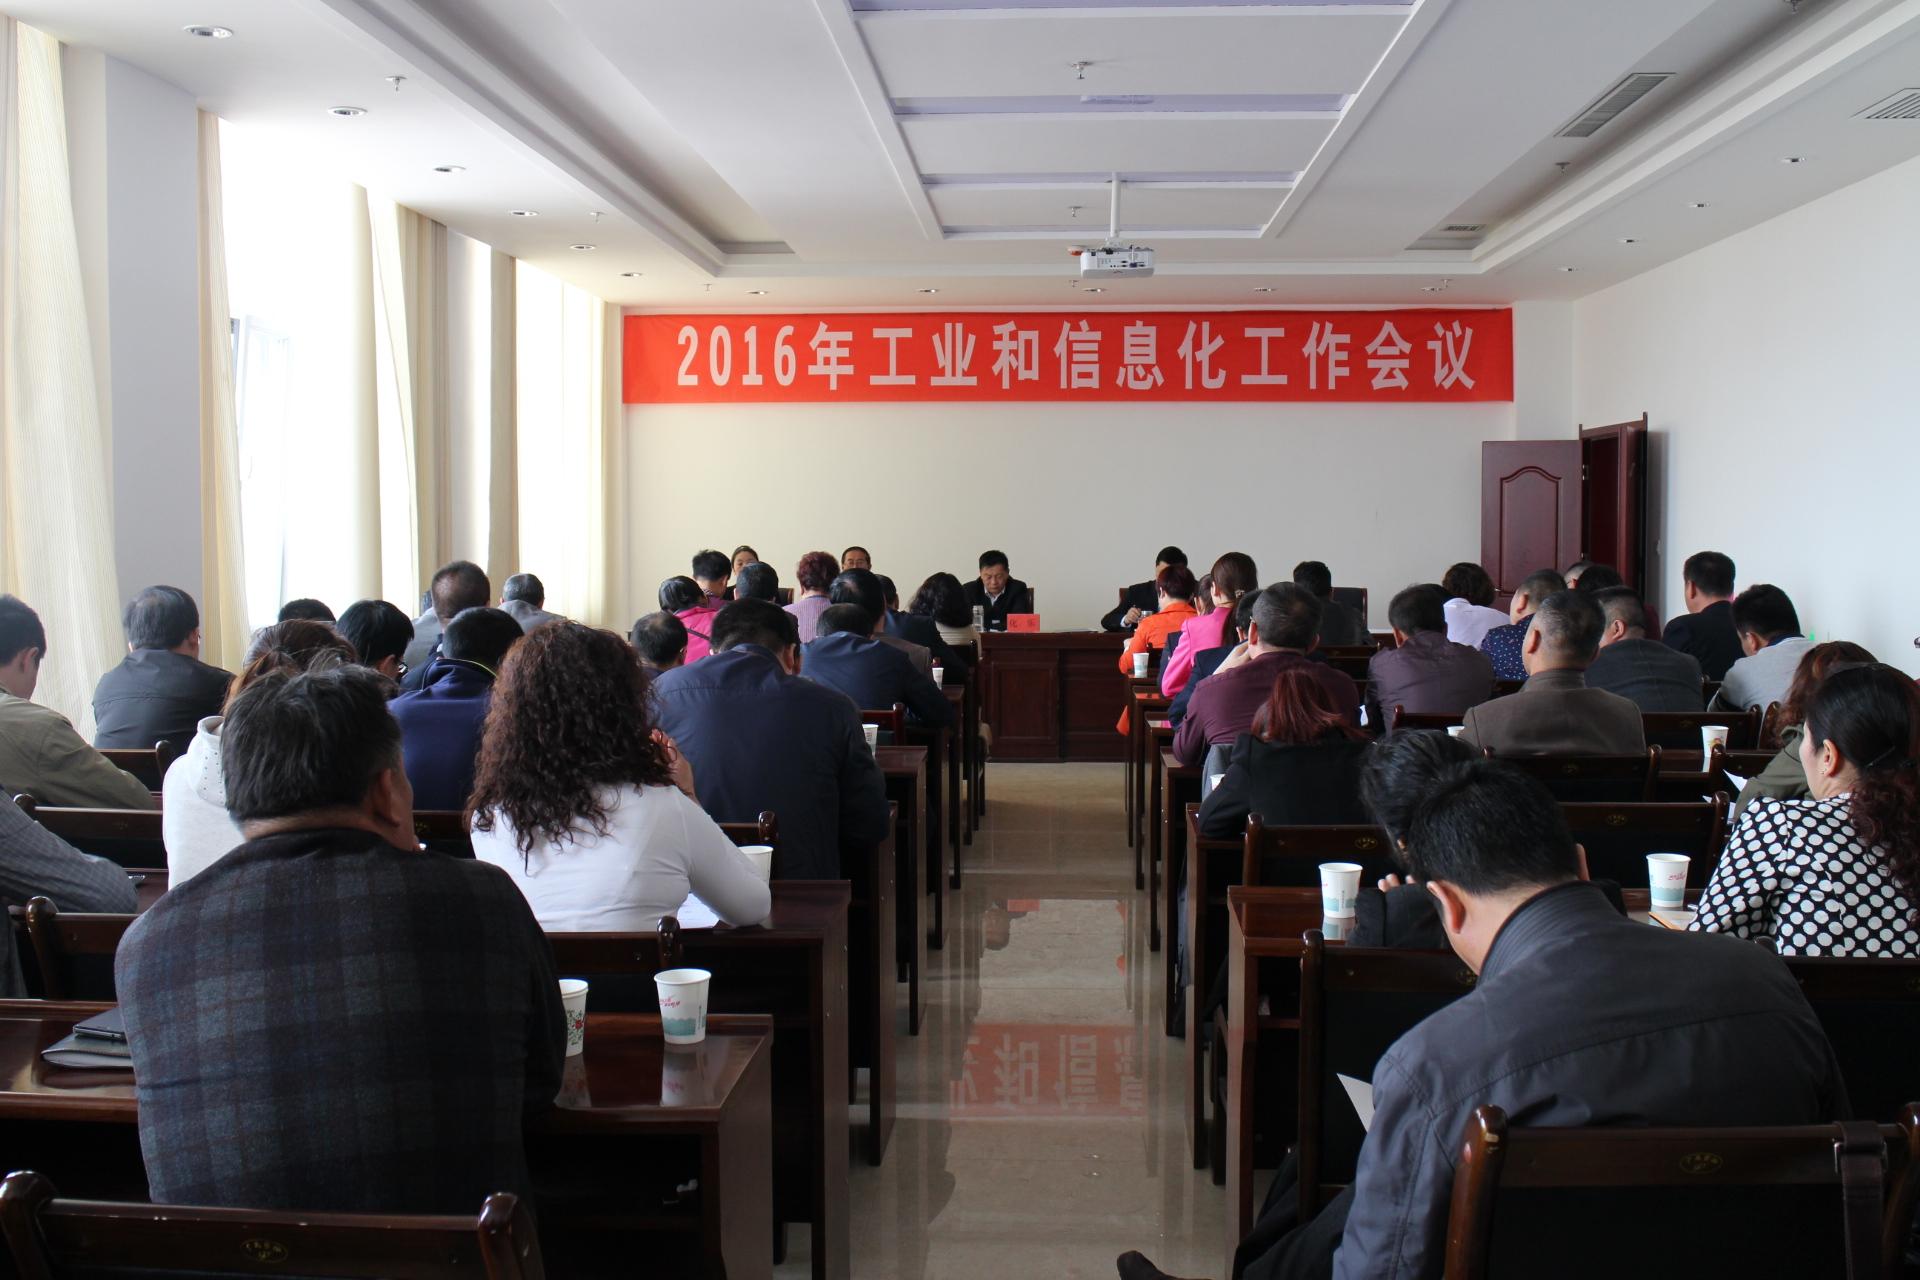 区工信局2016年工业和信息化工作会议召开